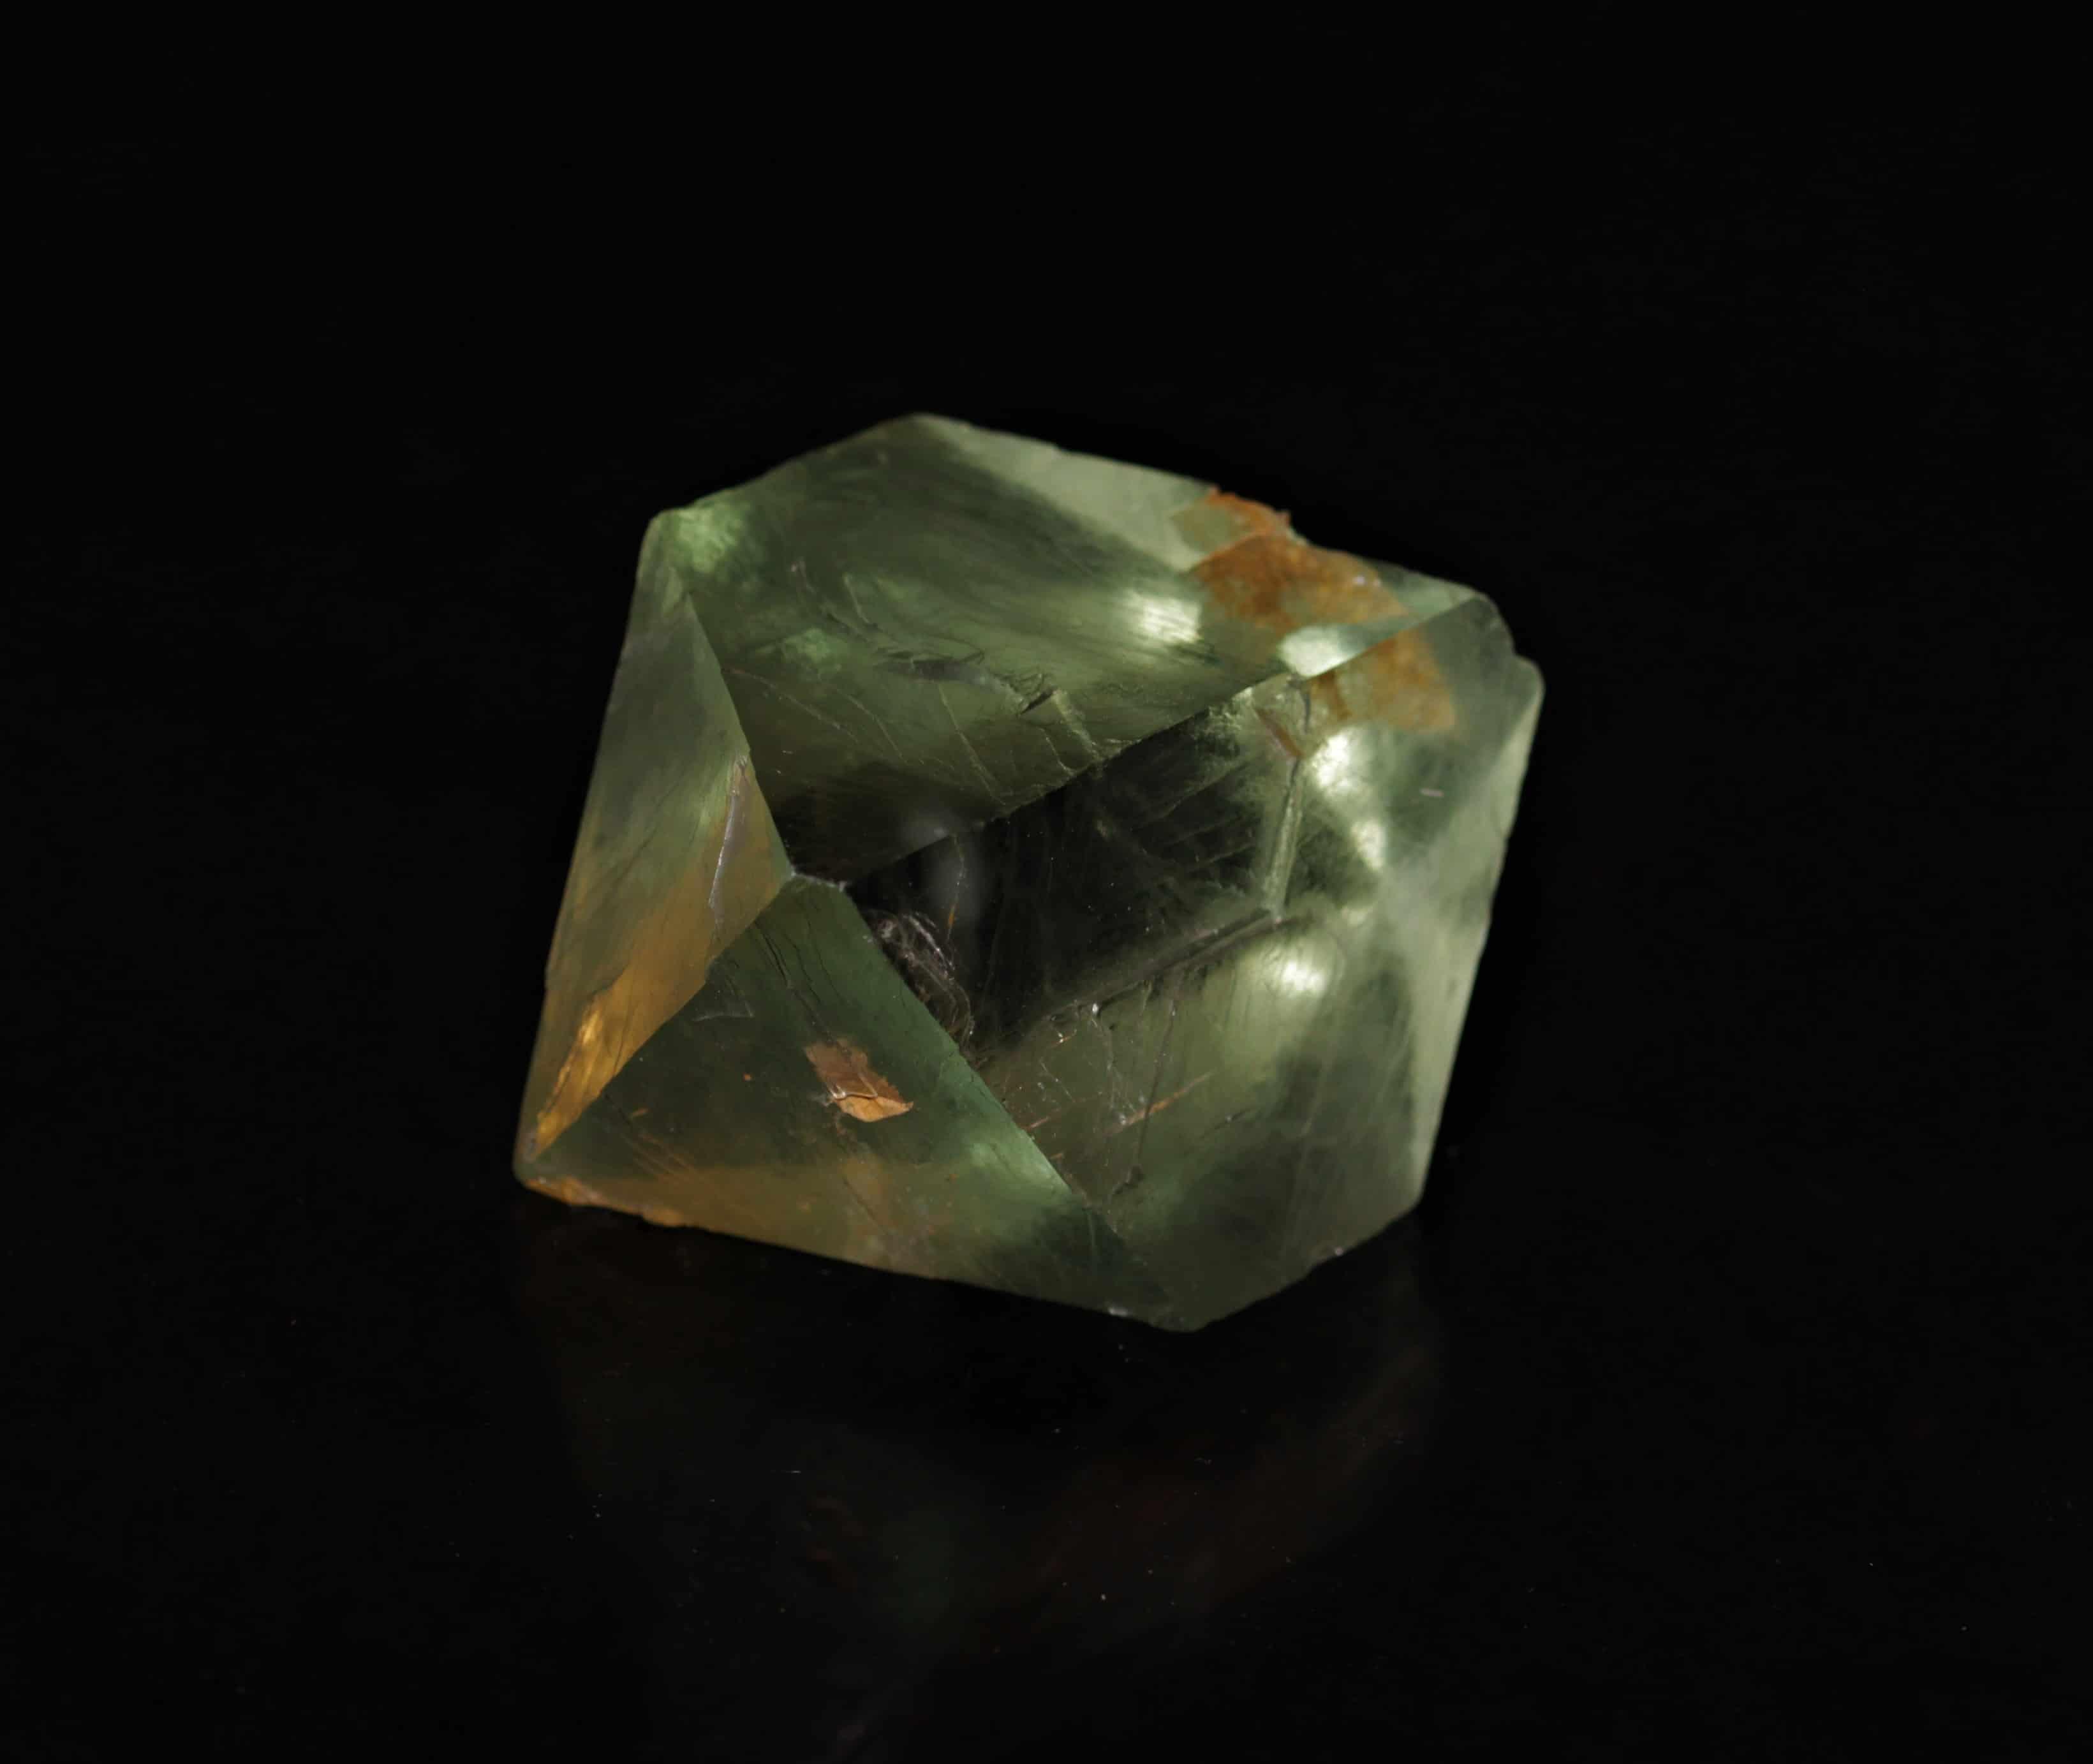 Fluorine de Seilles, petit octaèdre vert, carrière de Boltry, Belgique.